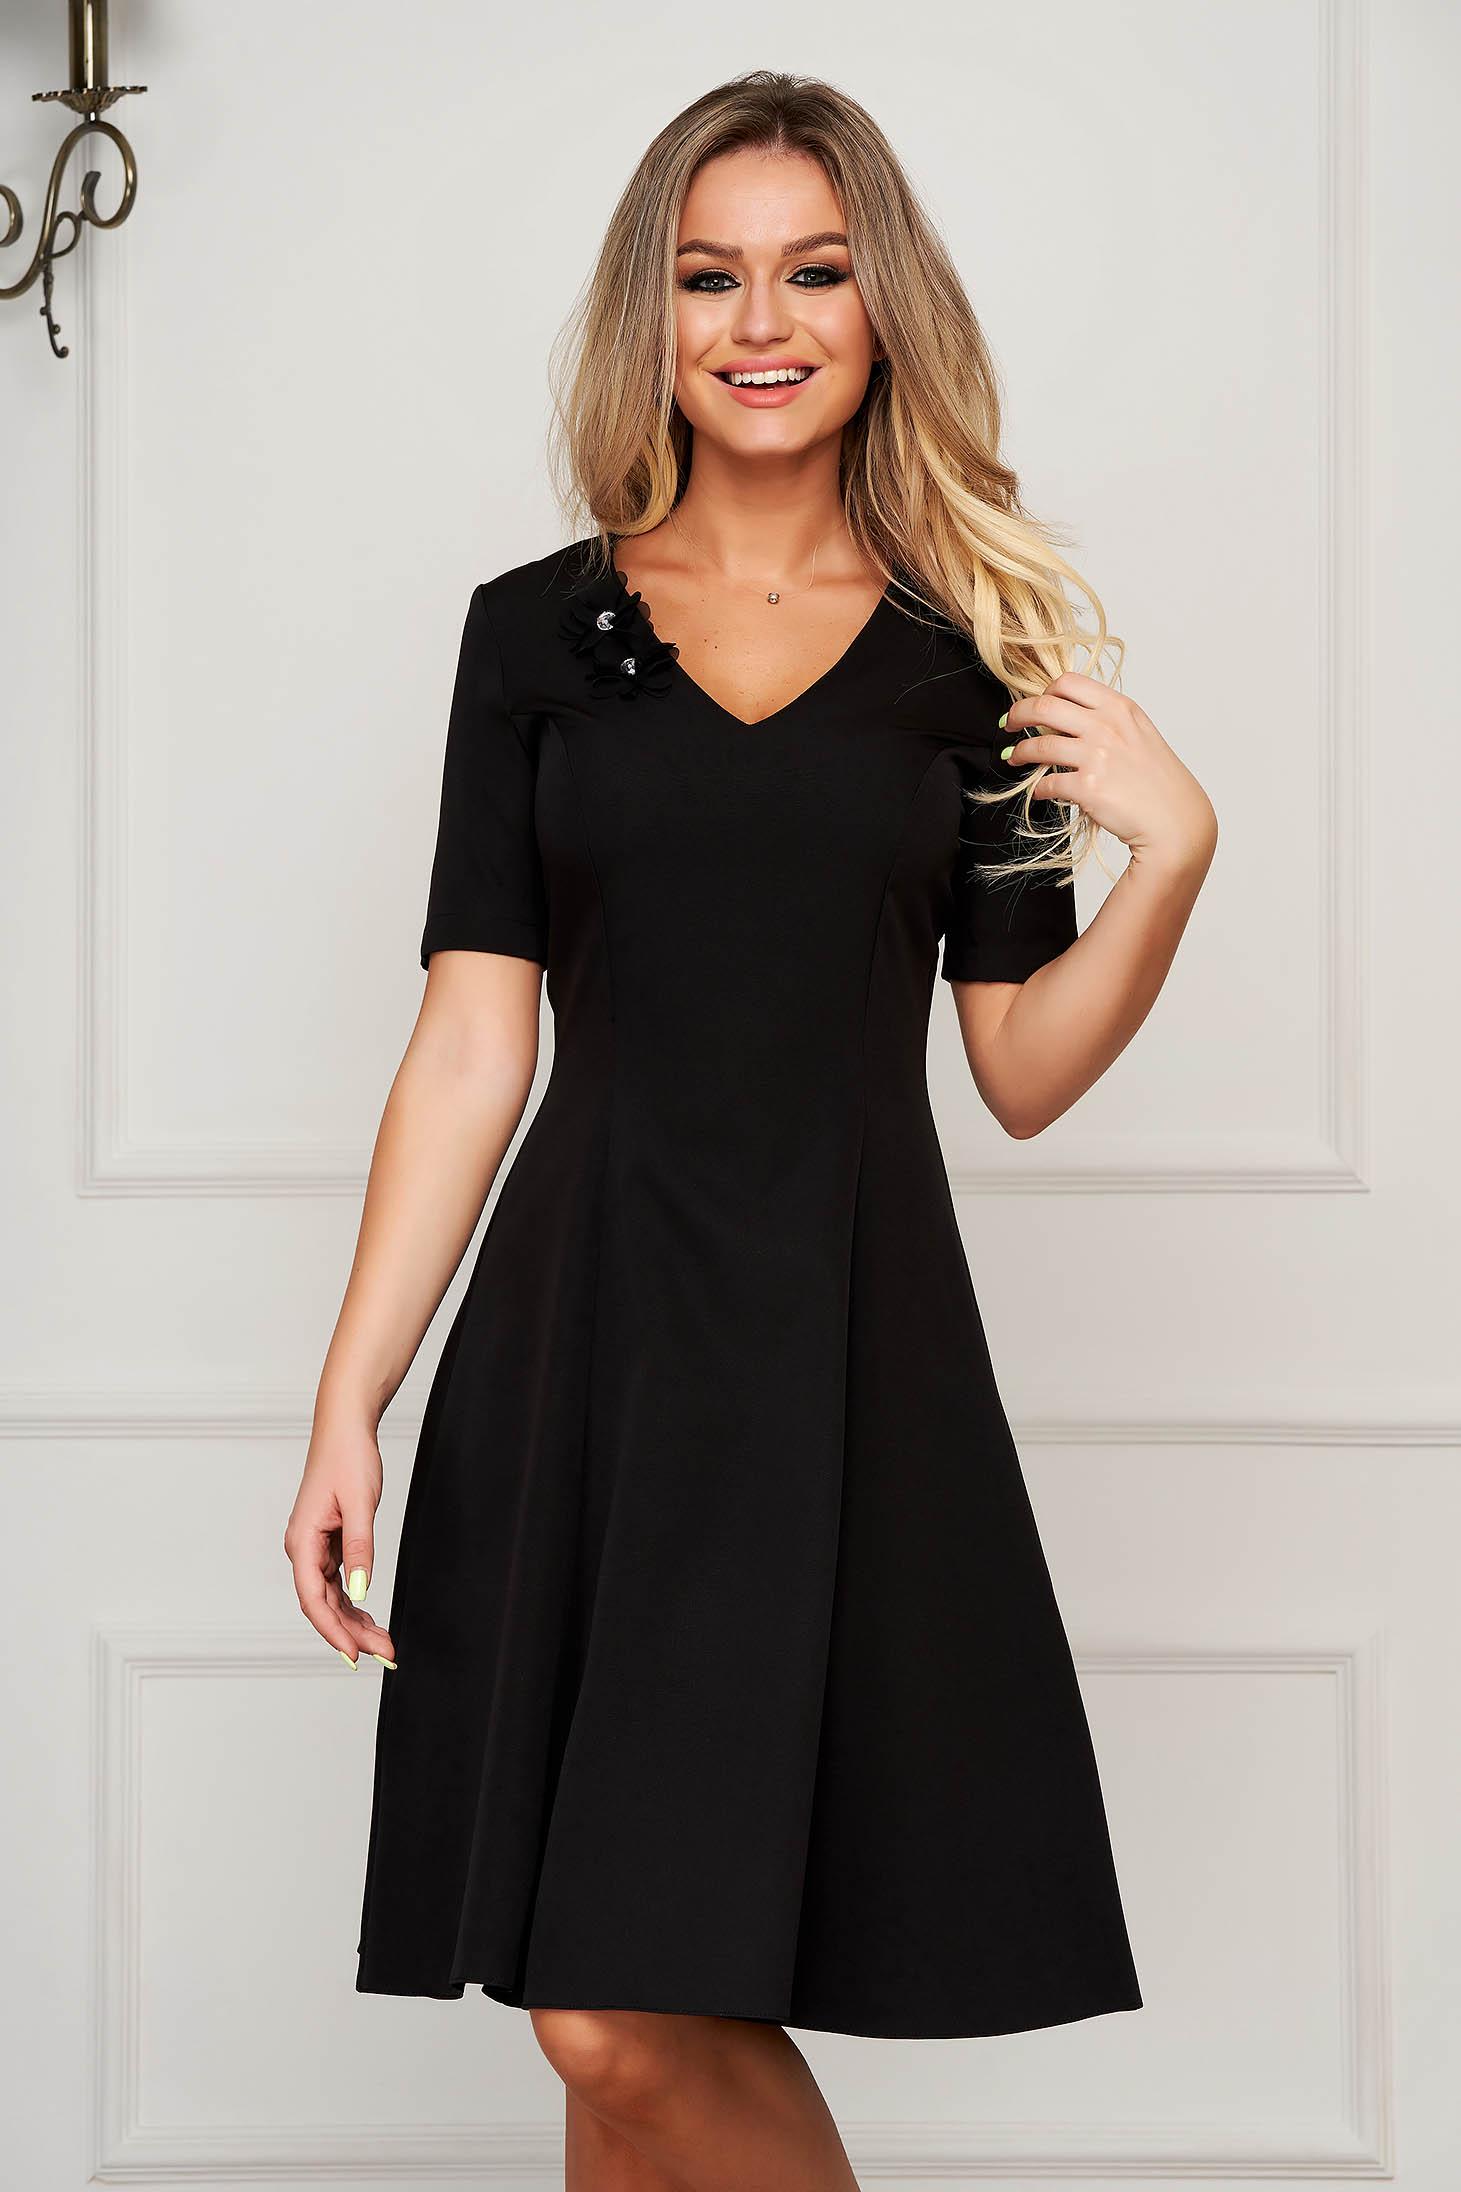 Rochie StarShinerS neagra eleganta midi in clos cu decolteu in v din stofa usor elastica cu aplicatii florale